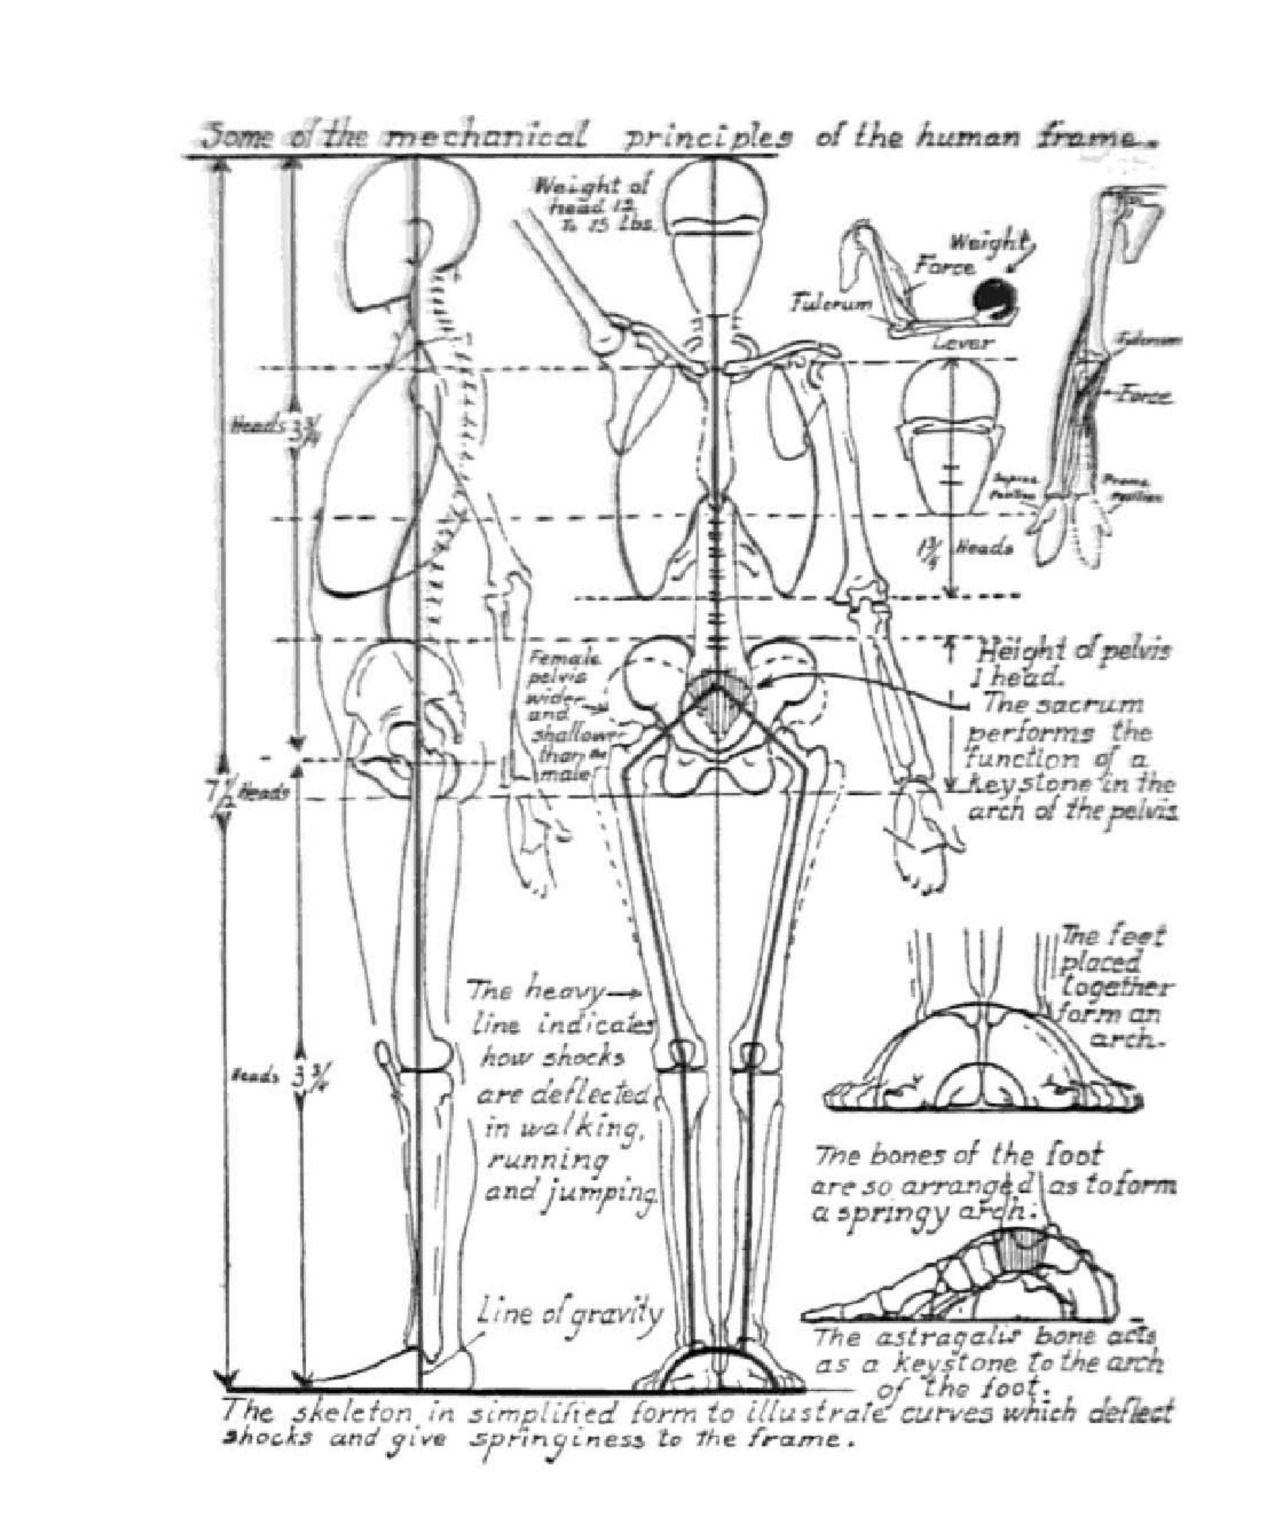 Pin by ArtStuff . on AnatoRef - Art Anatomy & Reference | Pinterest ...